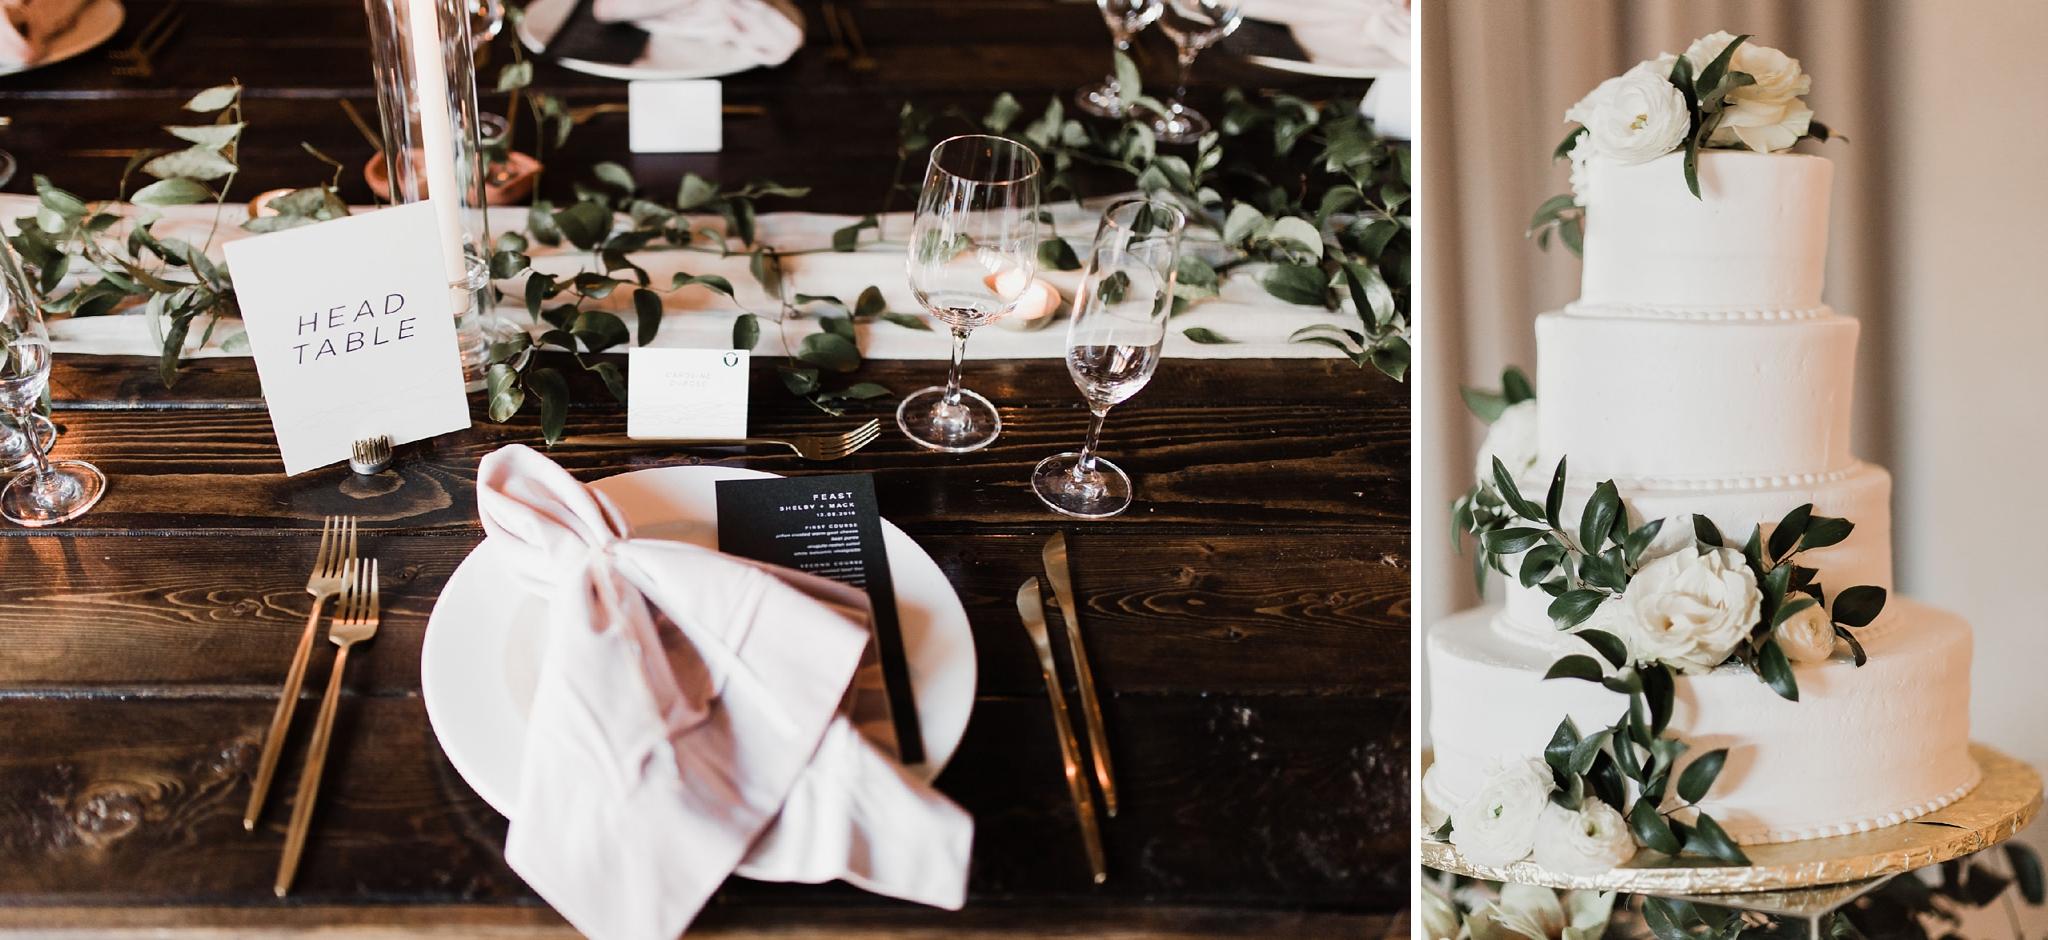 Alicia+lucia+photography+-+albuquerque+wedding+photographer+-+santa+fe+wedding+photography+-+new+mexico+wedding+photographer+-+new+mexico+wedding+-+new+mexico+florist+-+floriography+flowers+-+floriography+flowers+new+mexico+-+wedding+florist_0037.jpg